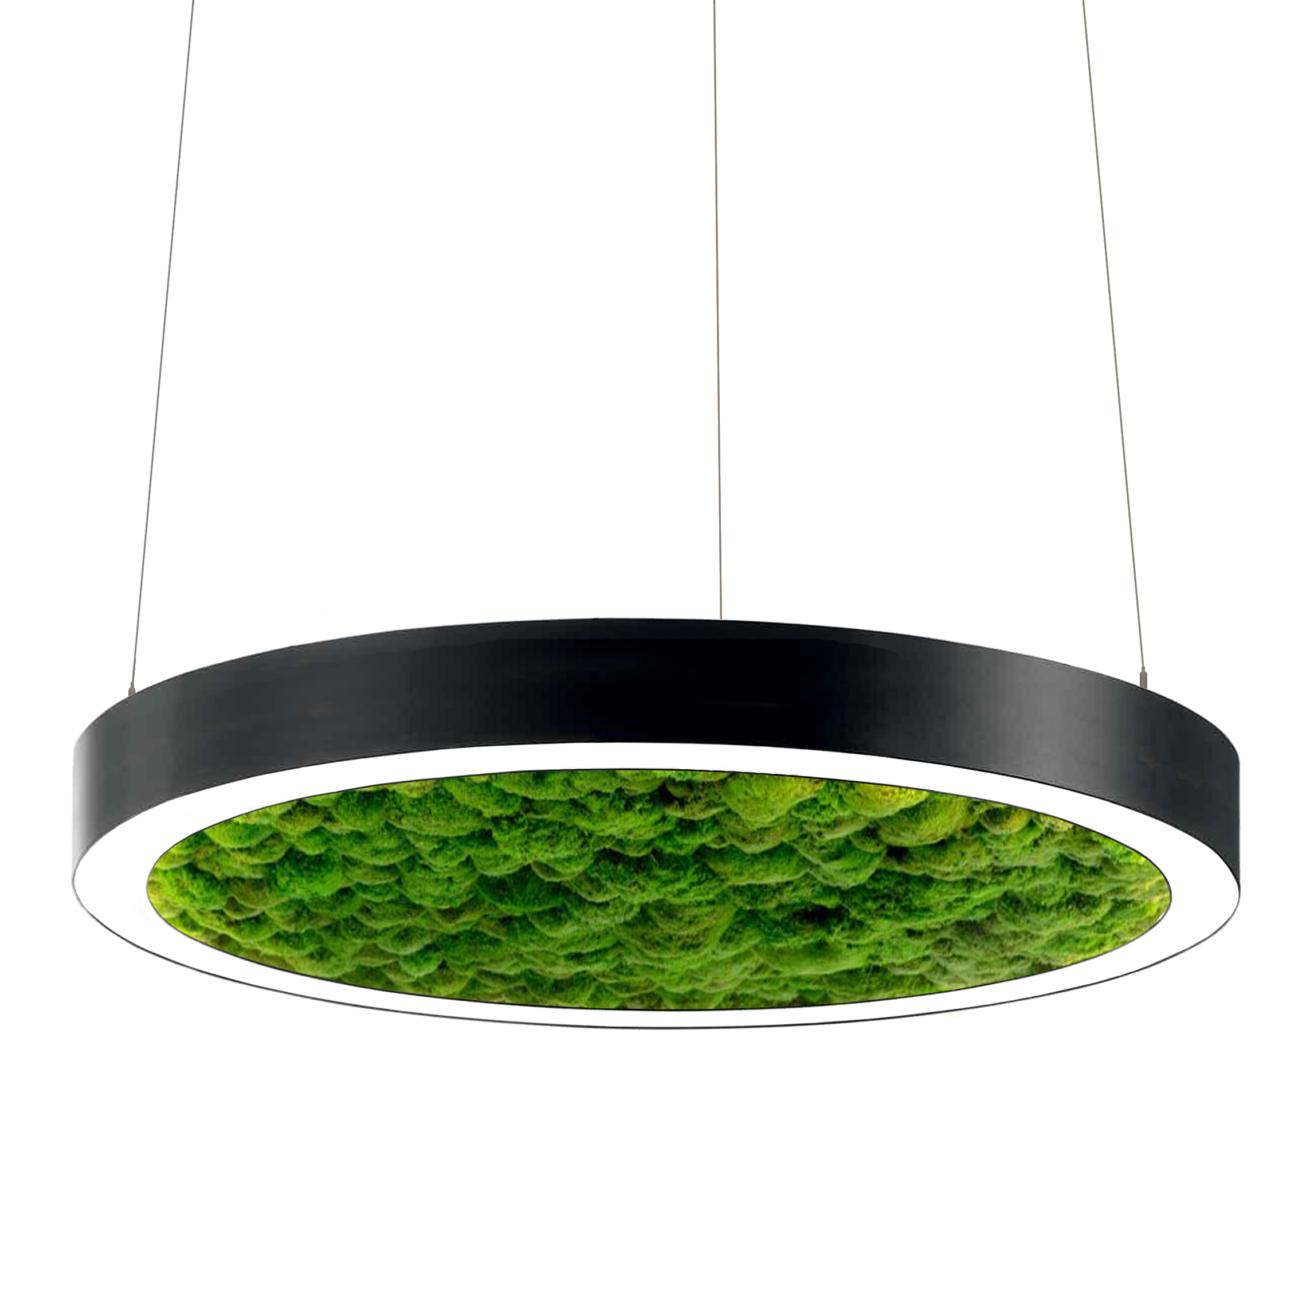 Светильник Moss 5080-1050мм. 4000К/3000К. 49W/103W купить во Владивостоке